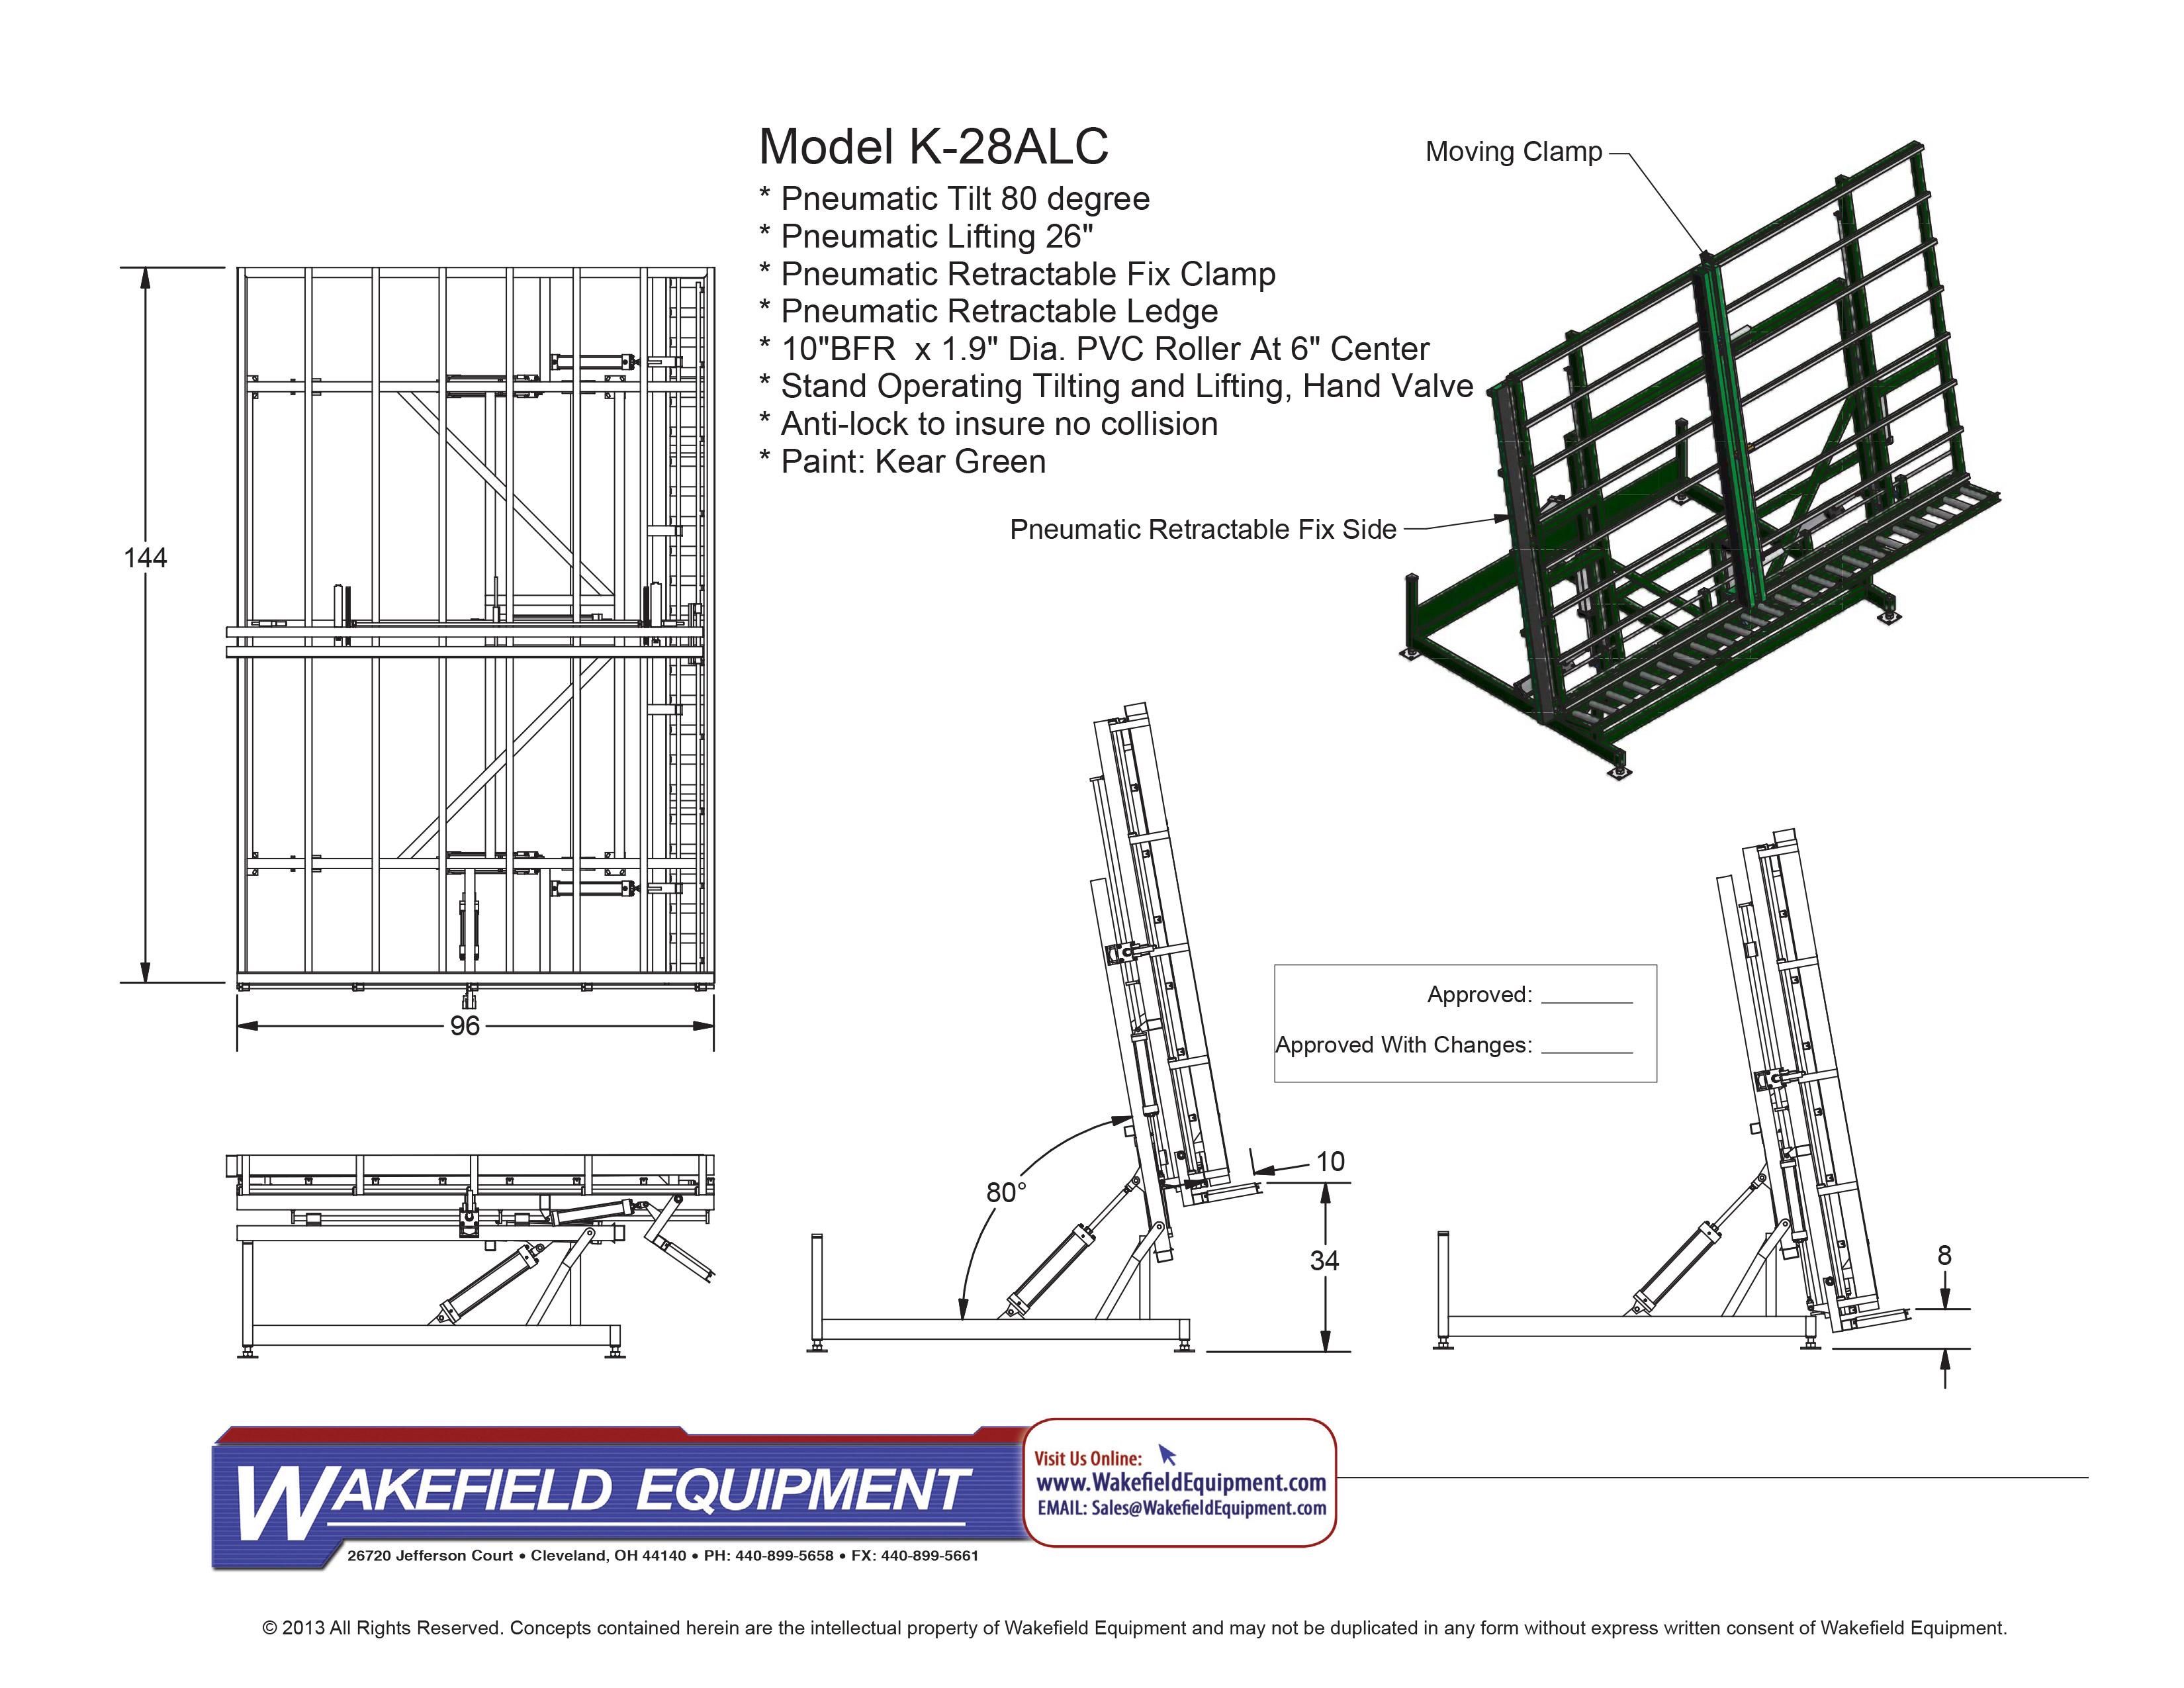 Pneumatic Tilt Transfer Table | Wakefield Equipment